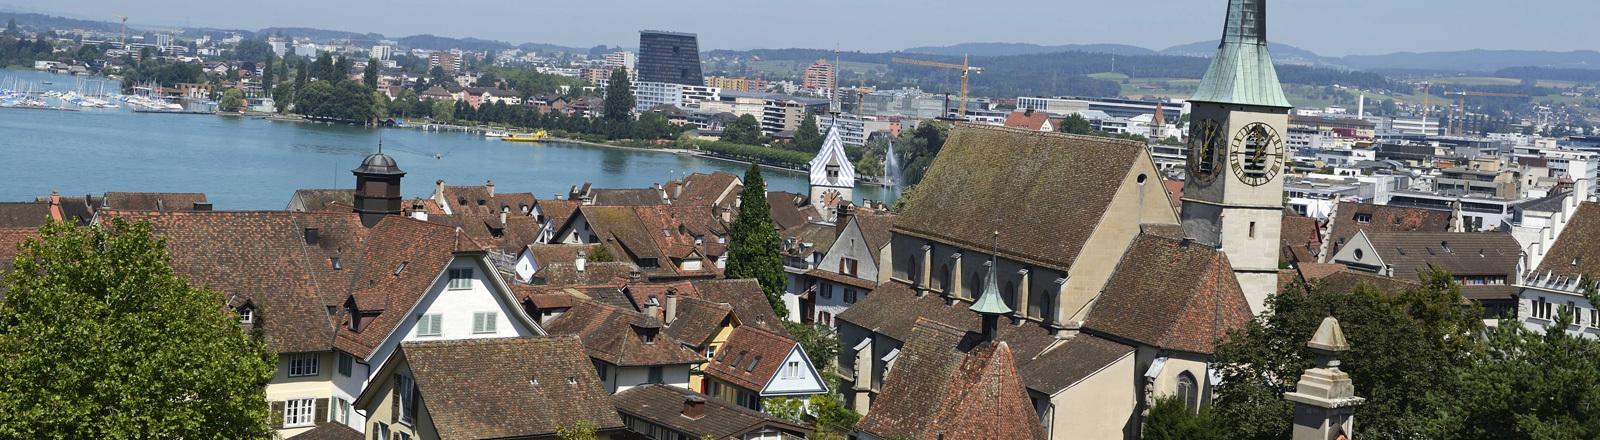 Blick auf die Altstadt der Stadt Zug in der Schweiz.